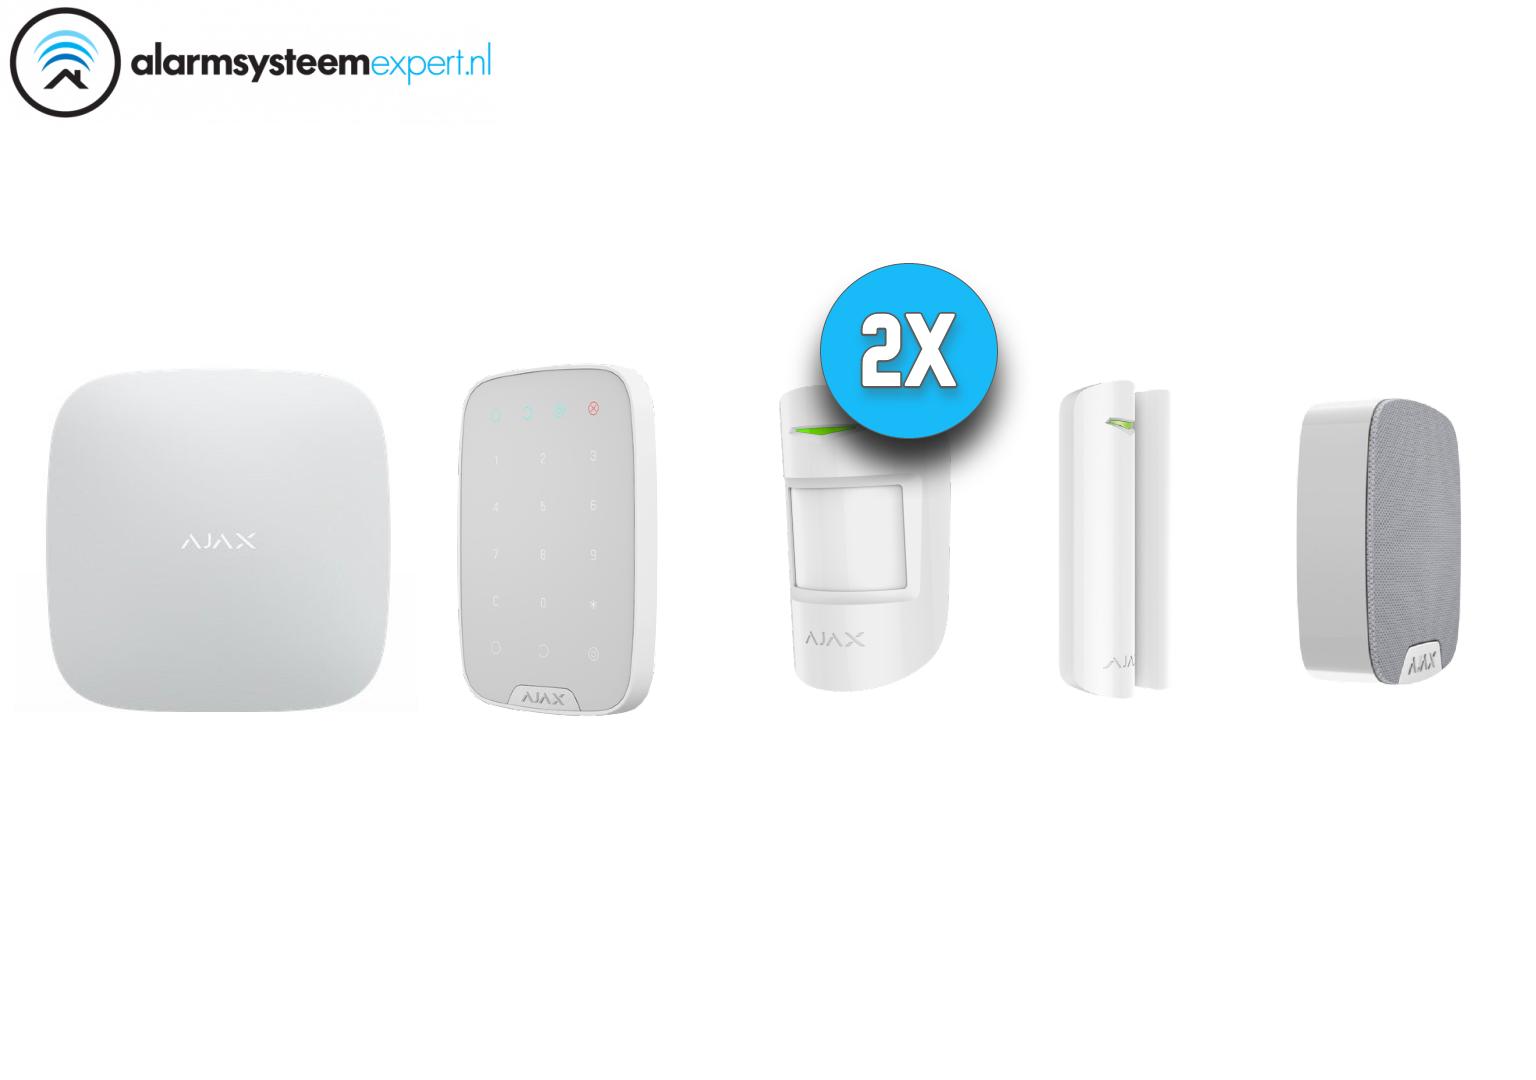 Le kit de système d'alarme Ajax peut être utilisé comme base pour le système de sécurité sans fil Ajax.